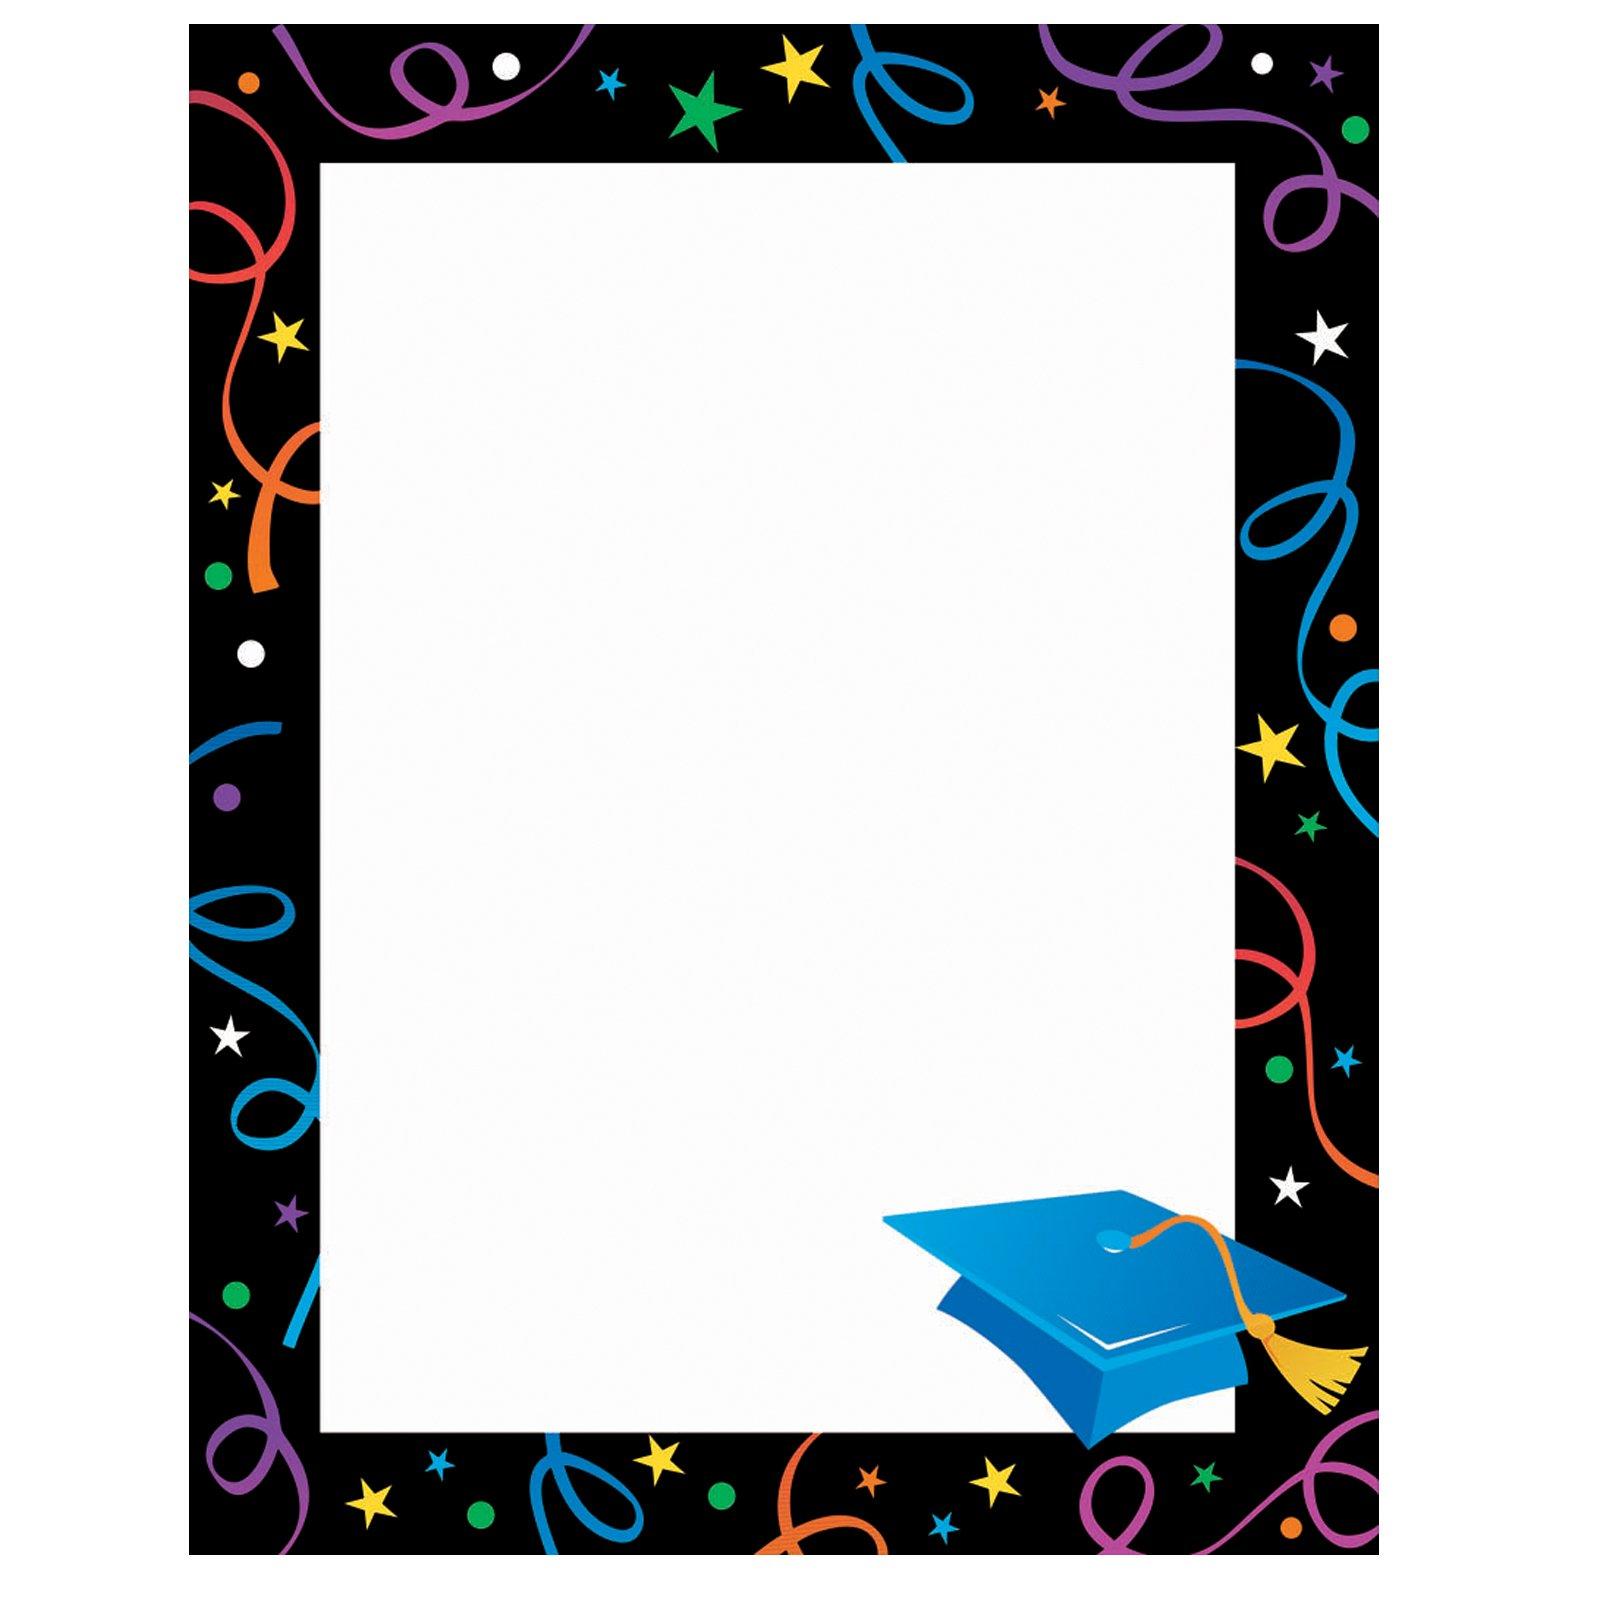 Graduation Decorative Border Clipart - Clipart Kid